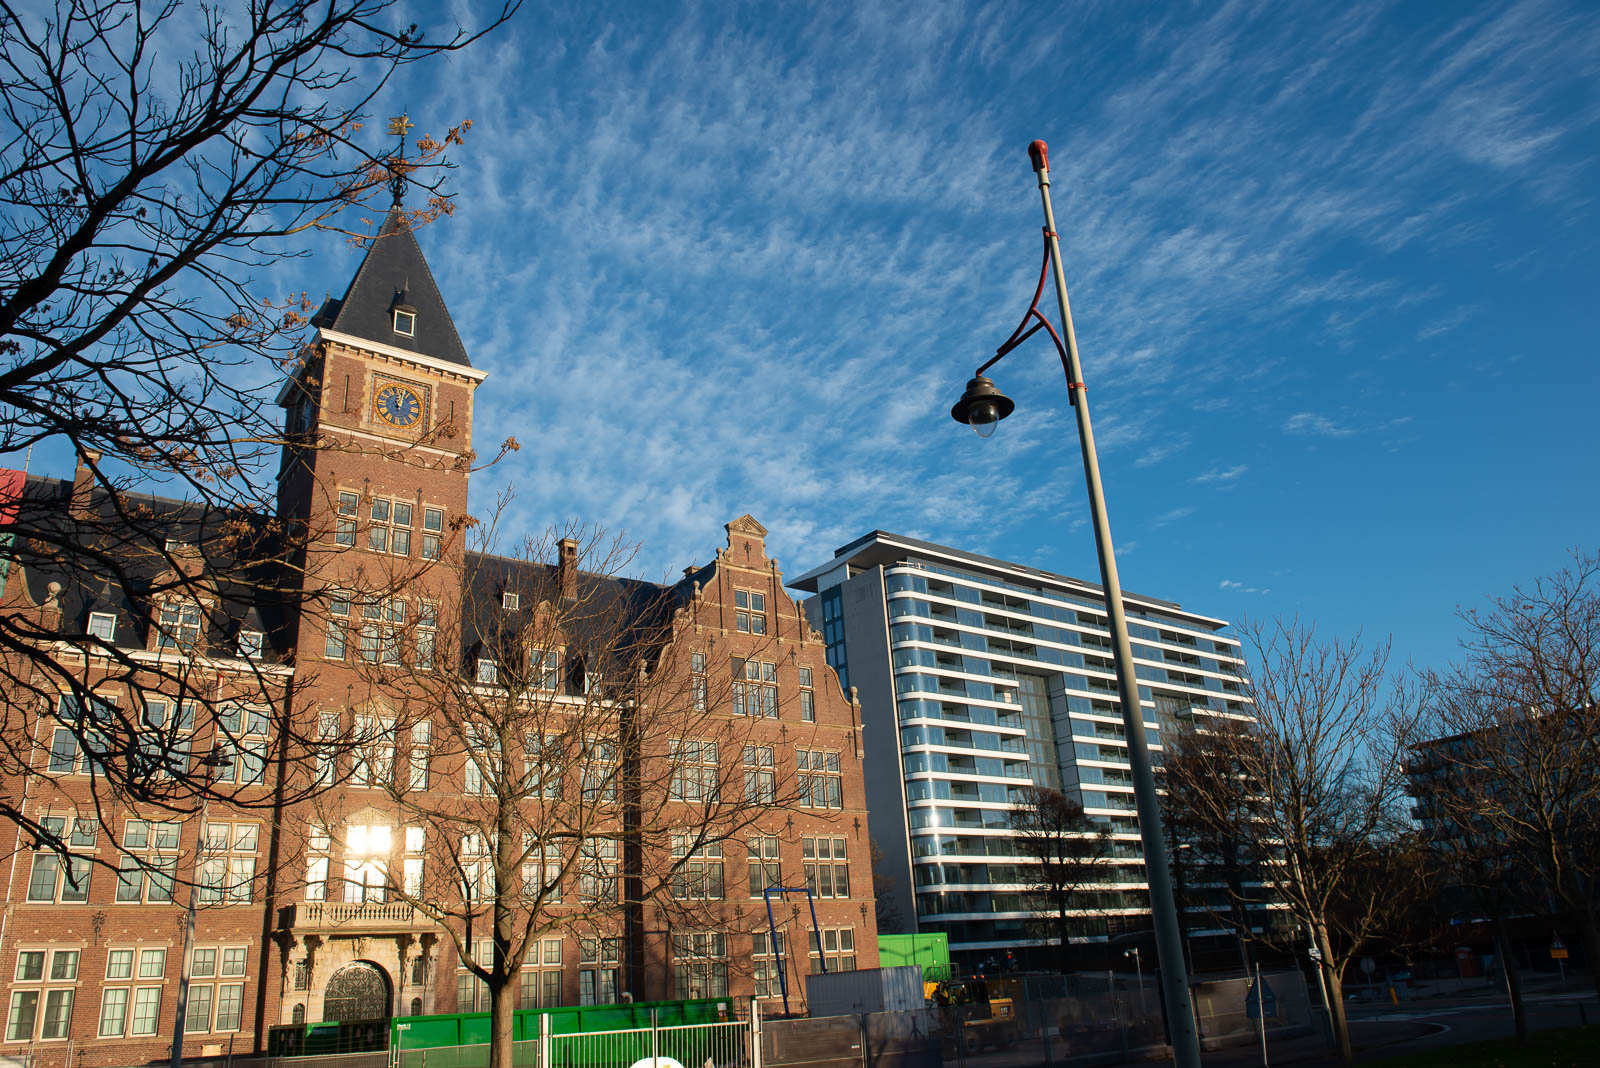 Wijkvereniging Benoordenhout in Den Haag